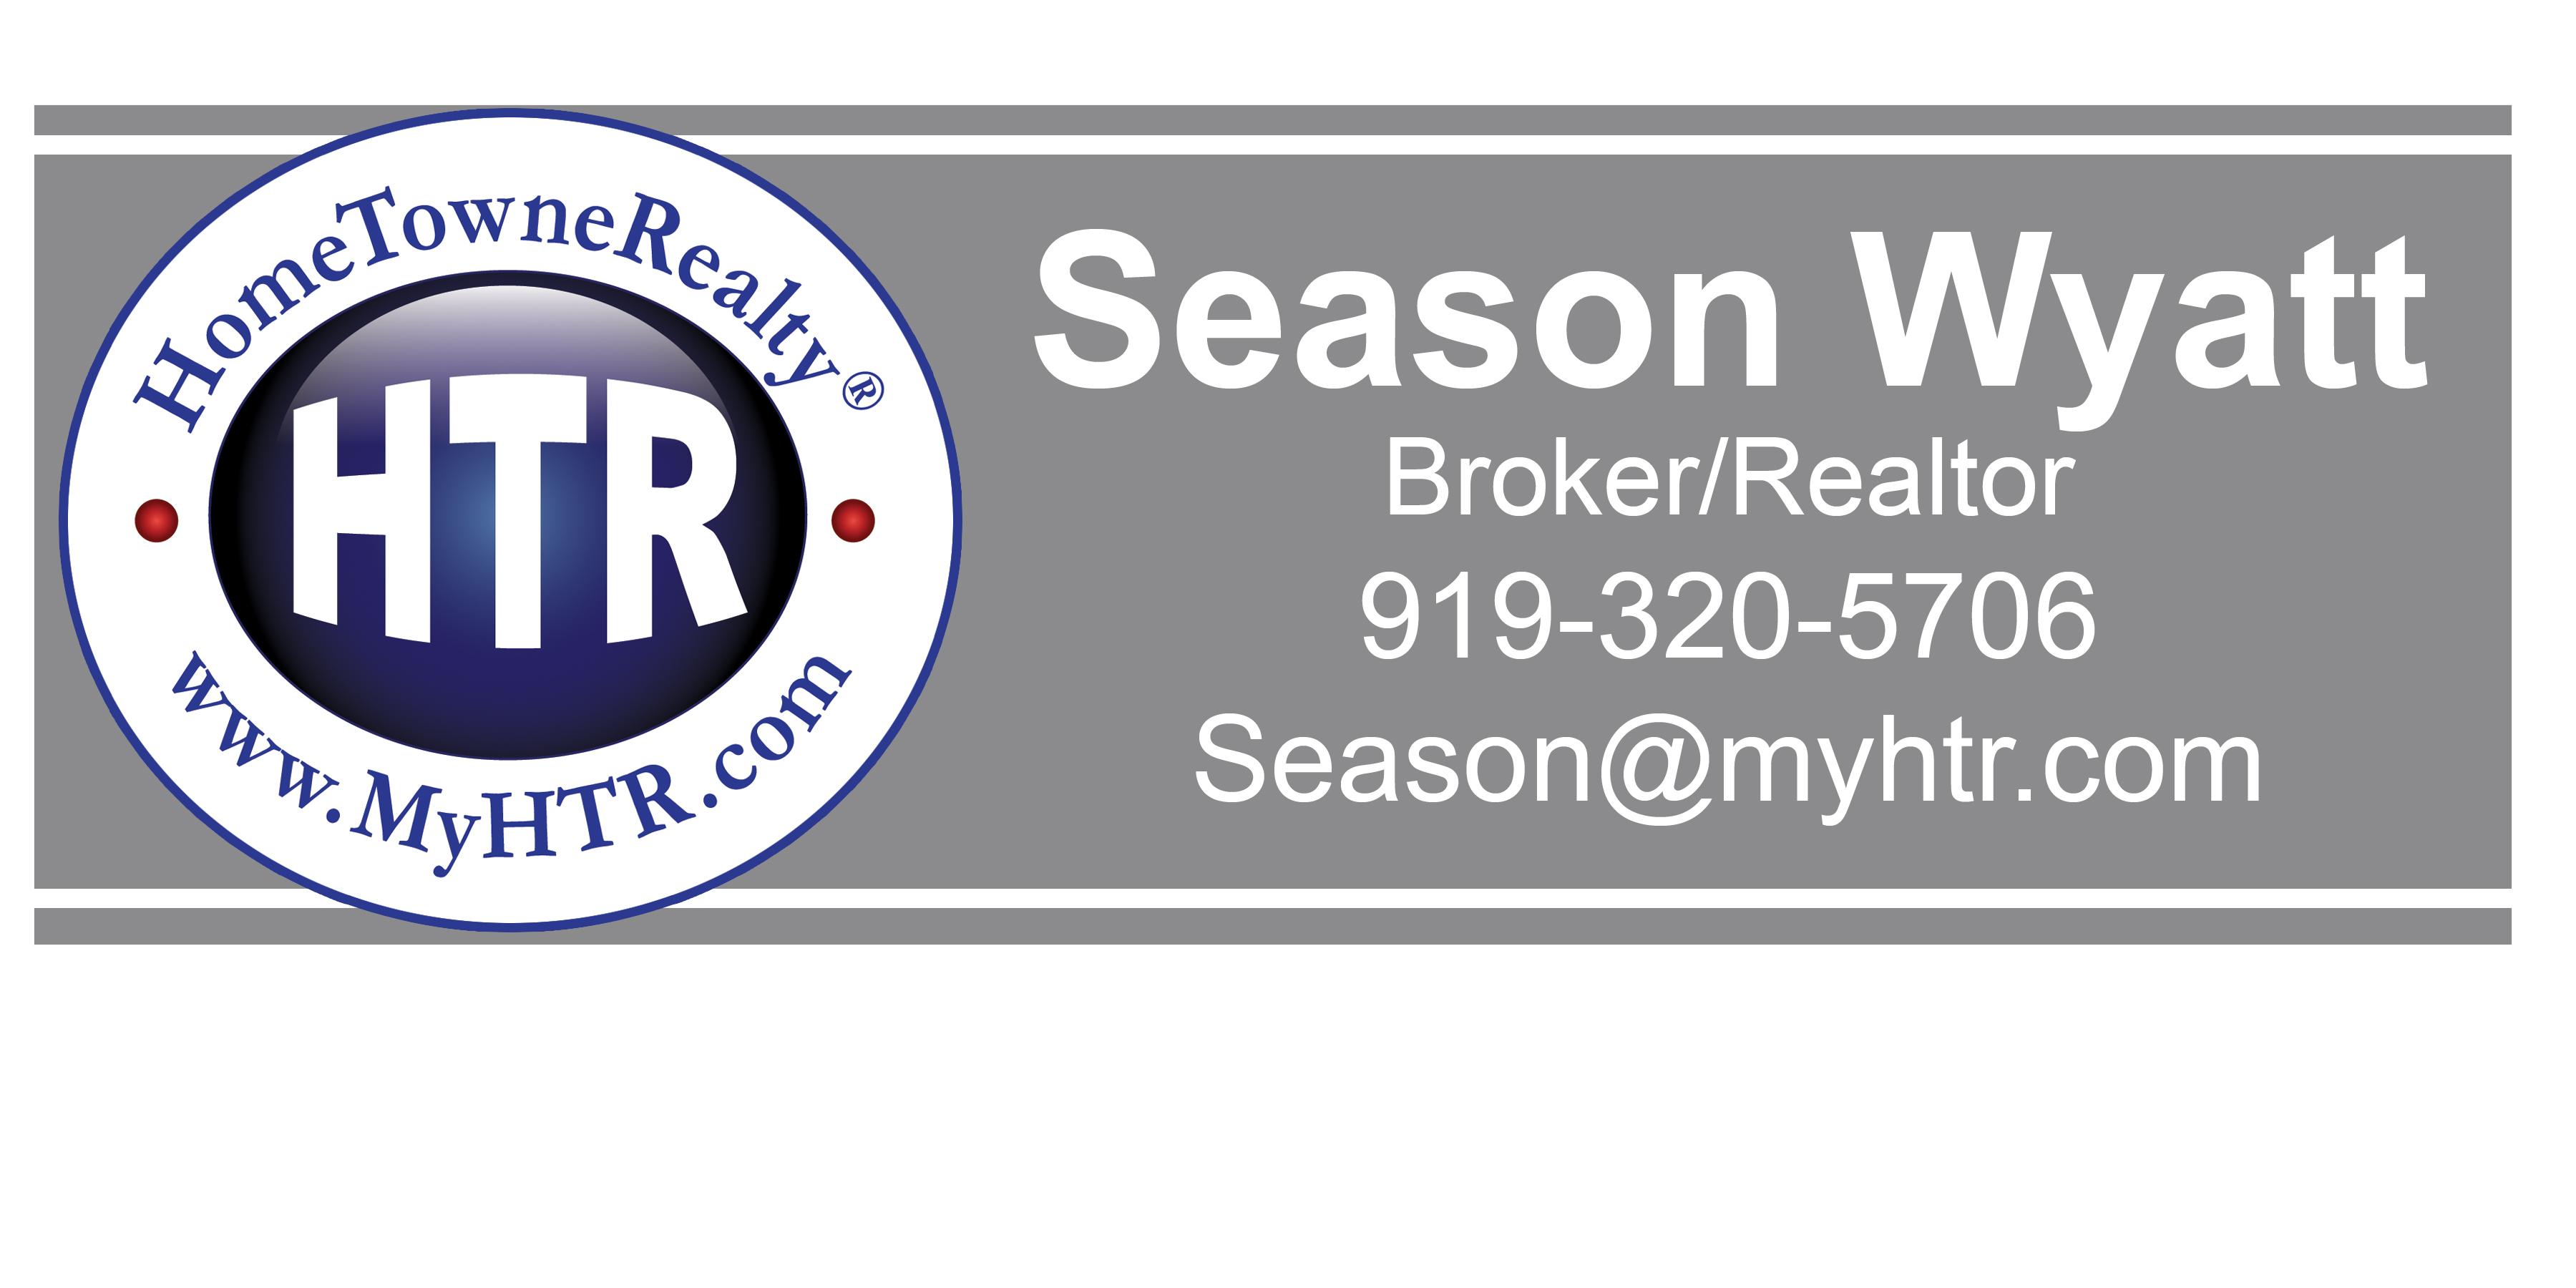 Sponsor Season Wyatt, HTR Broker/Realtor